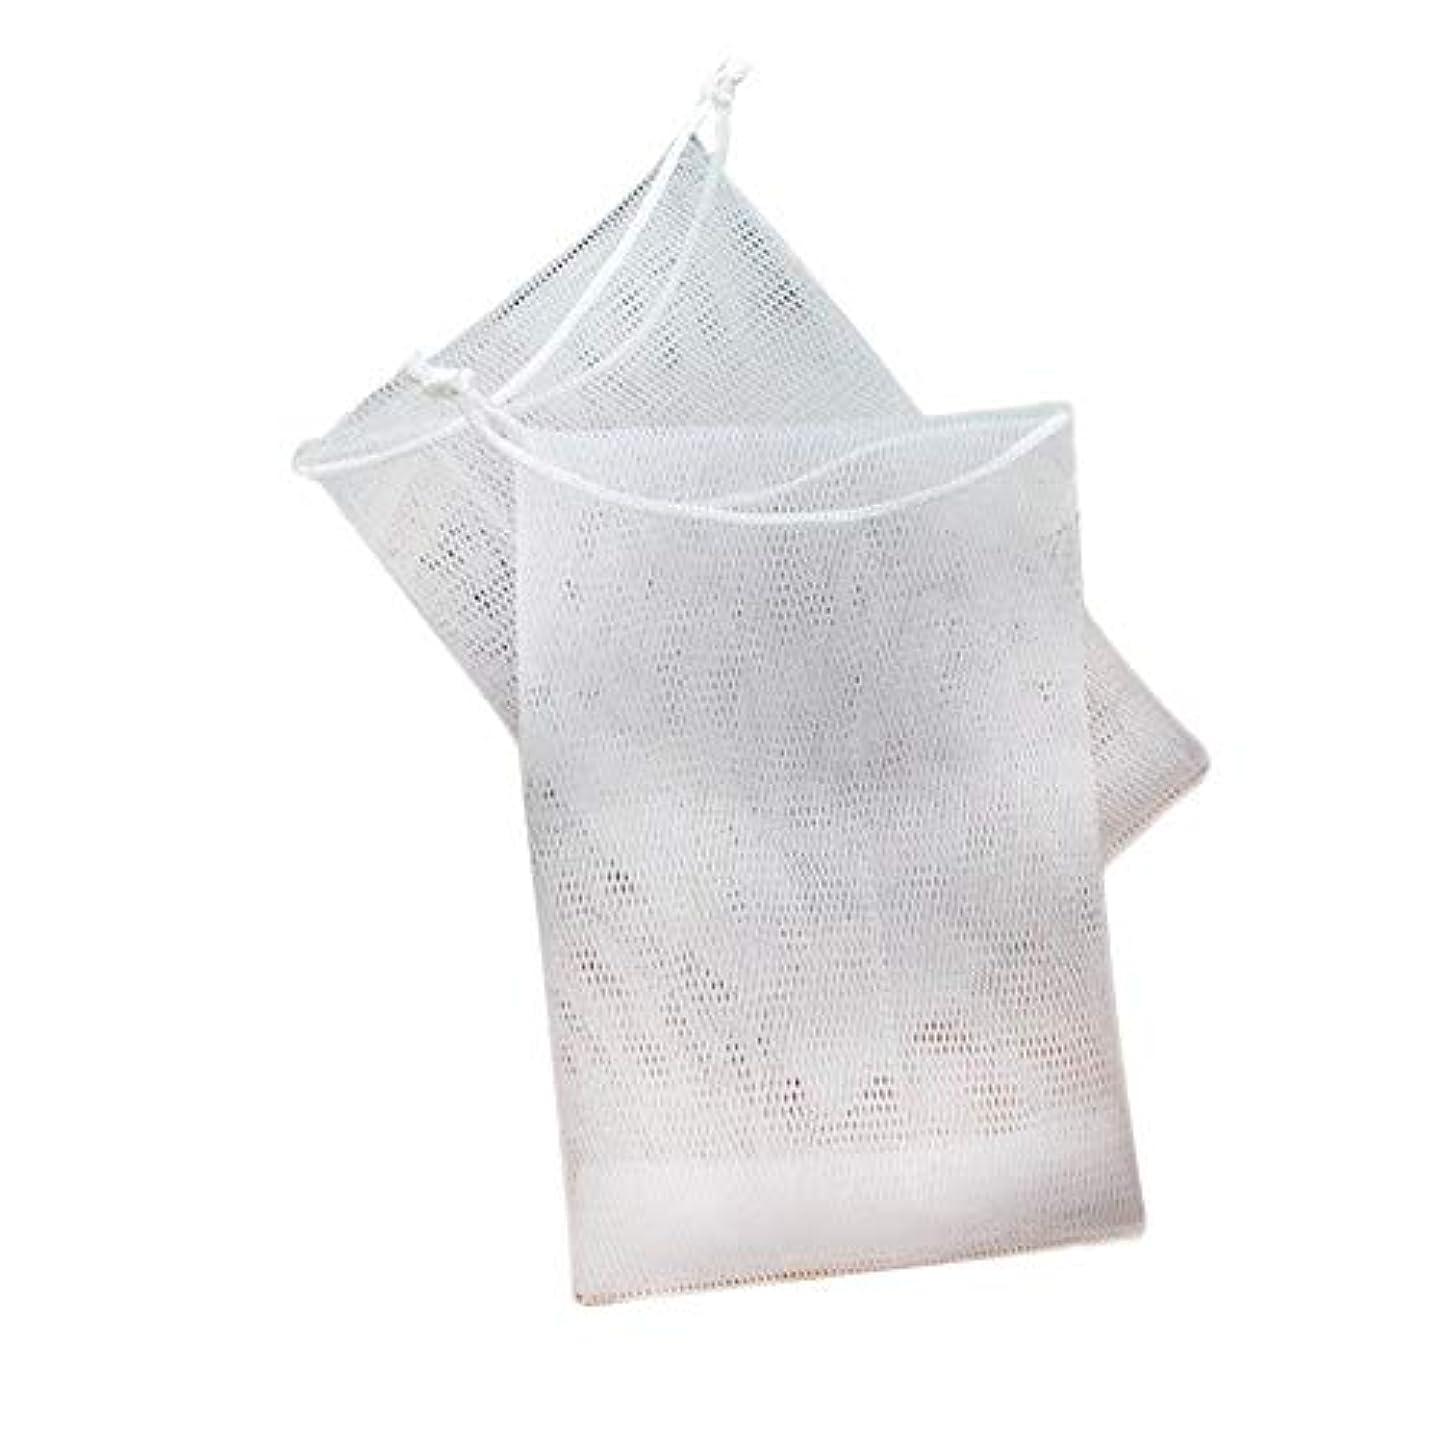 興奮する勇敢な秘密の石鹸の袋の網のドローストリング袋は ハンドメイドの石鹸の泡泡ネットメーカーのために掛けることができます 12×9cm